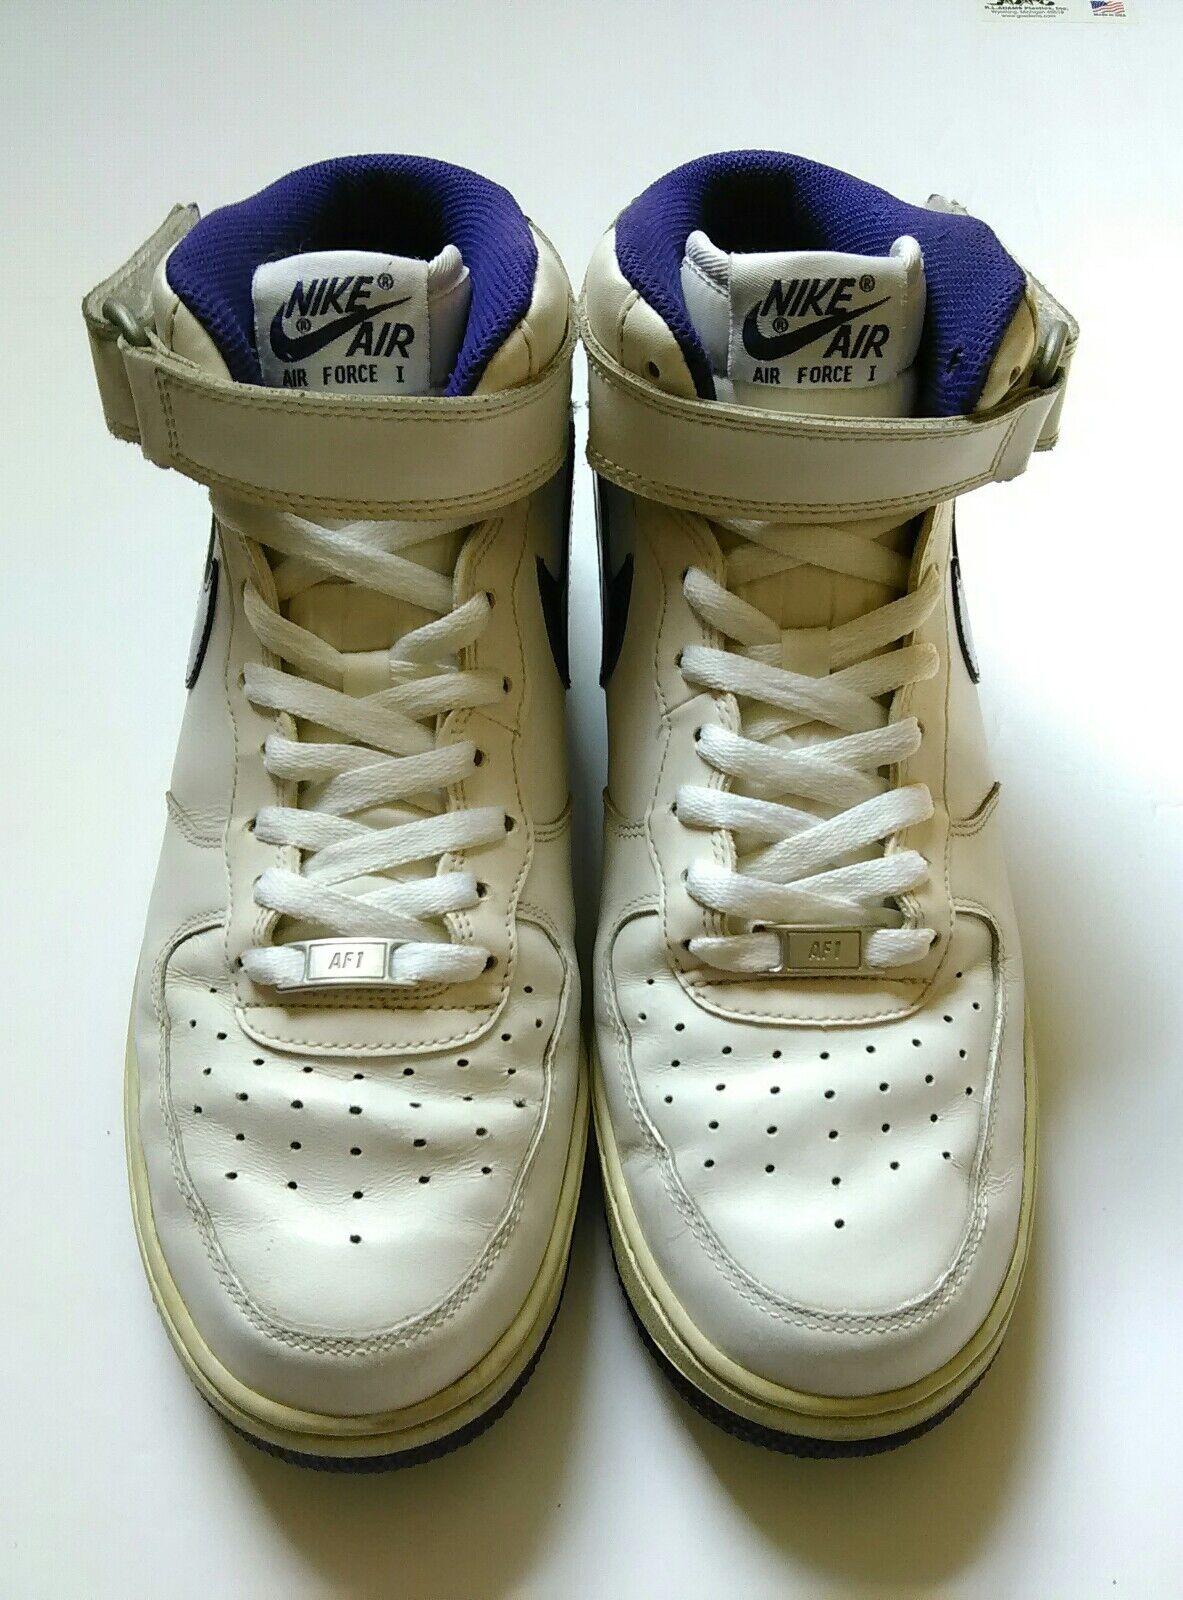 Nike Air Force 1 tamaño: blanco y morado hombres zapatos tamaño: 1 9,5 comodo y atractivo d825ae